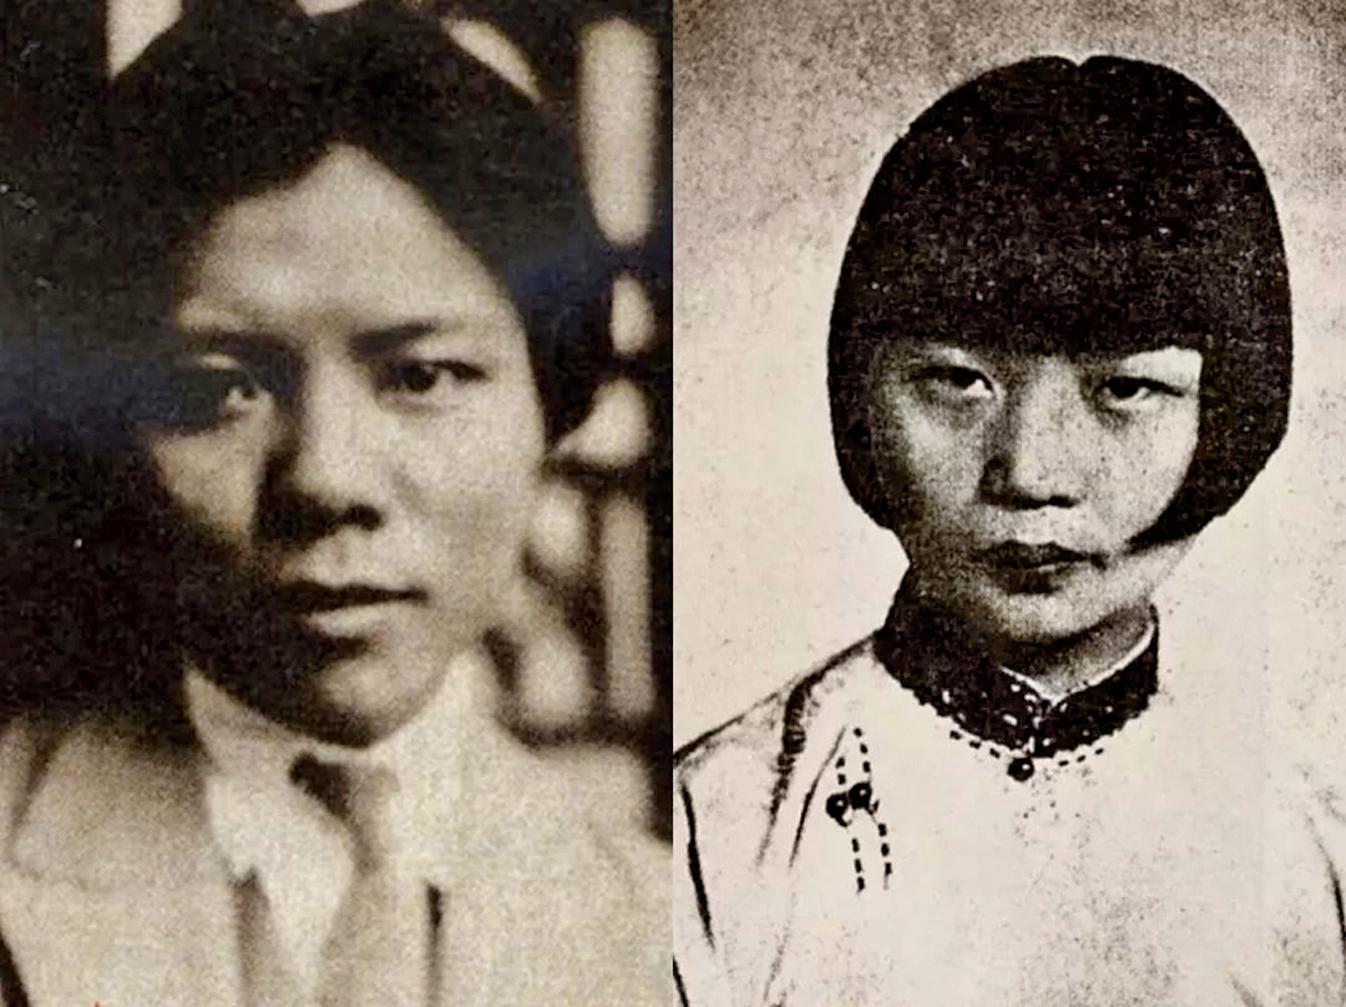 蔡元培的女婿林文錚(左)和女兒蔡威廉(右)。(網絡圖片)